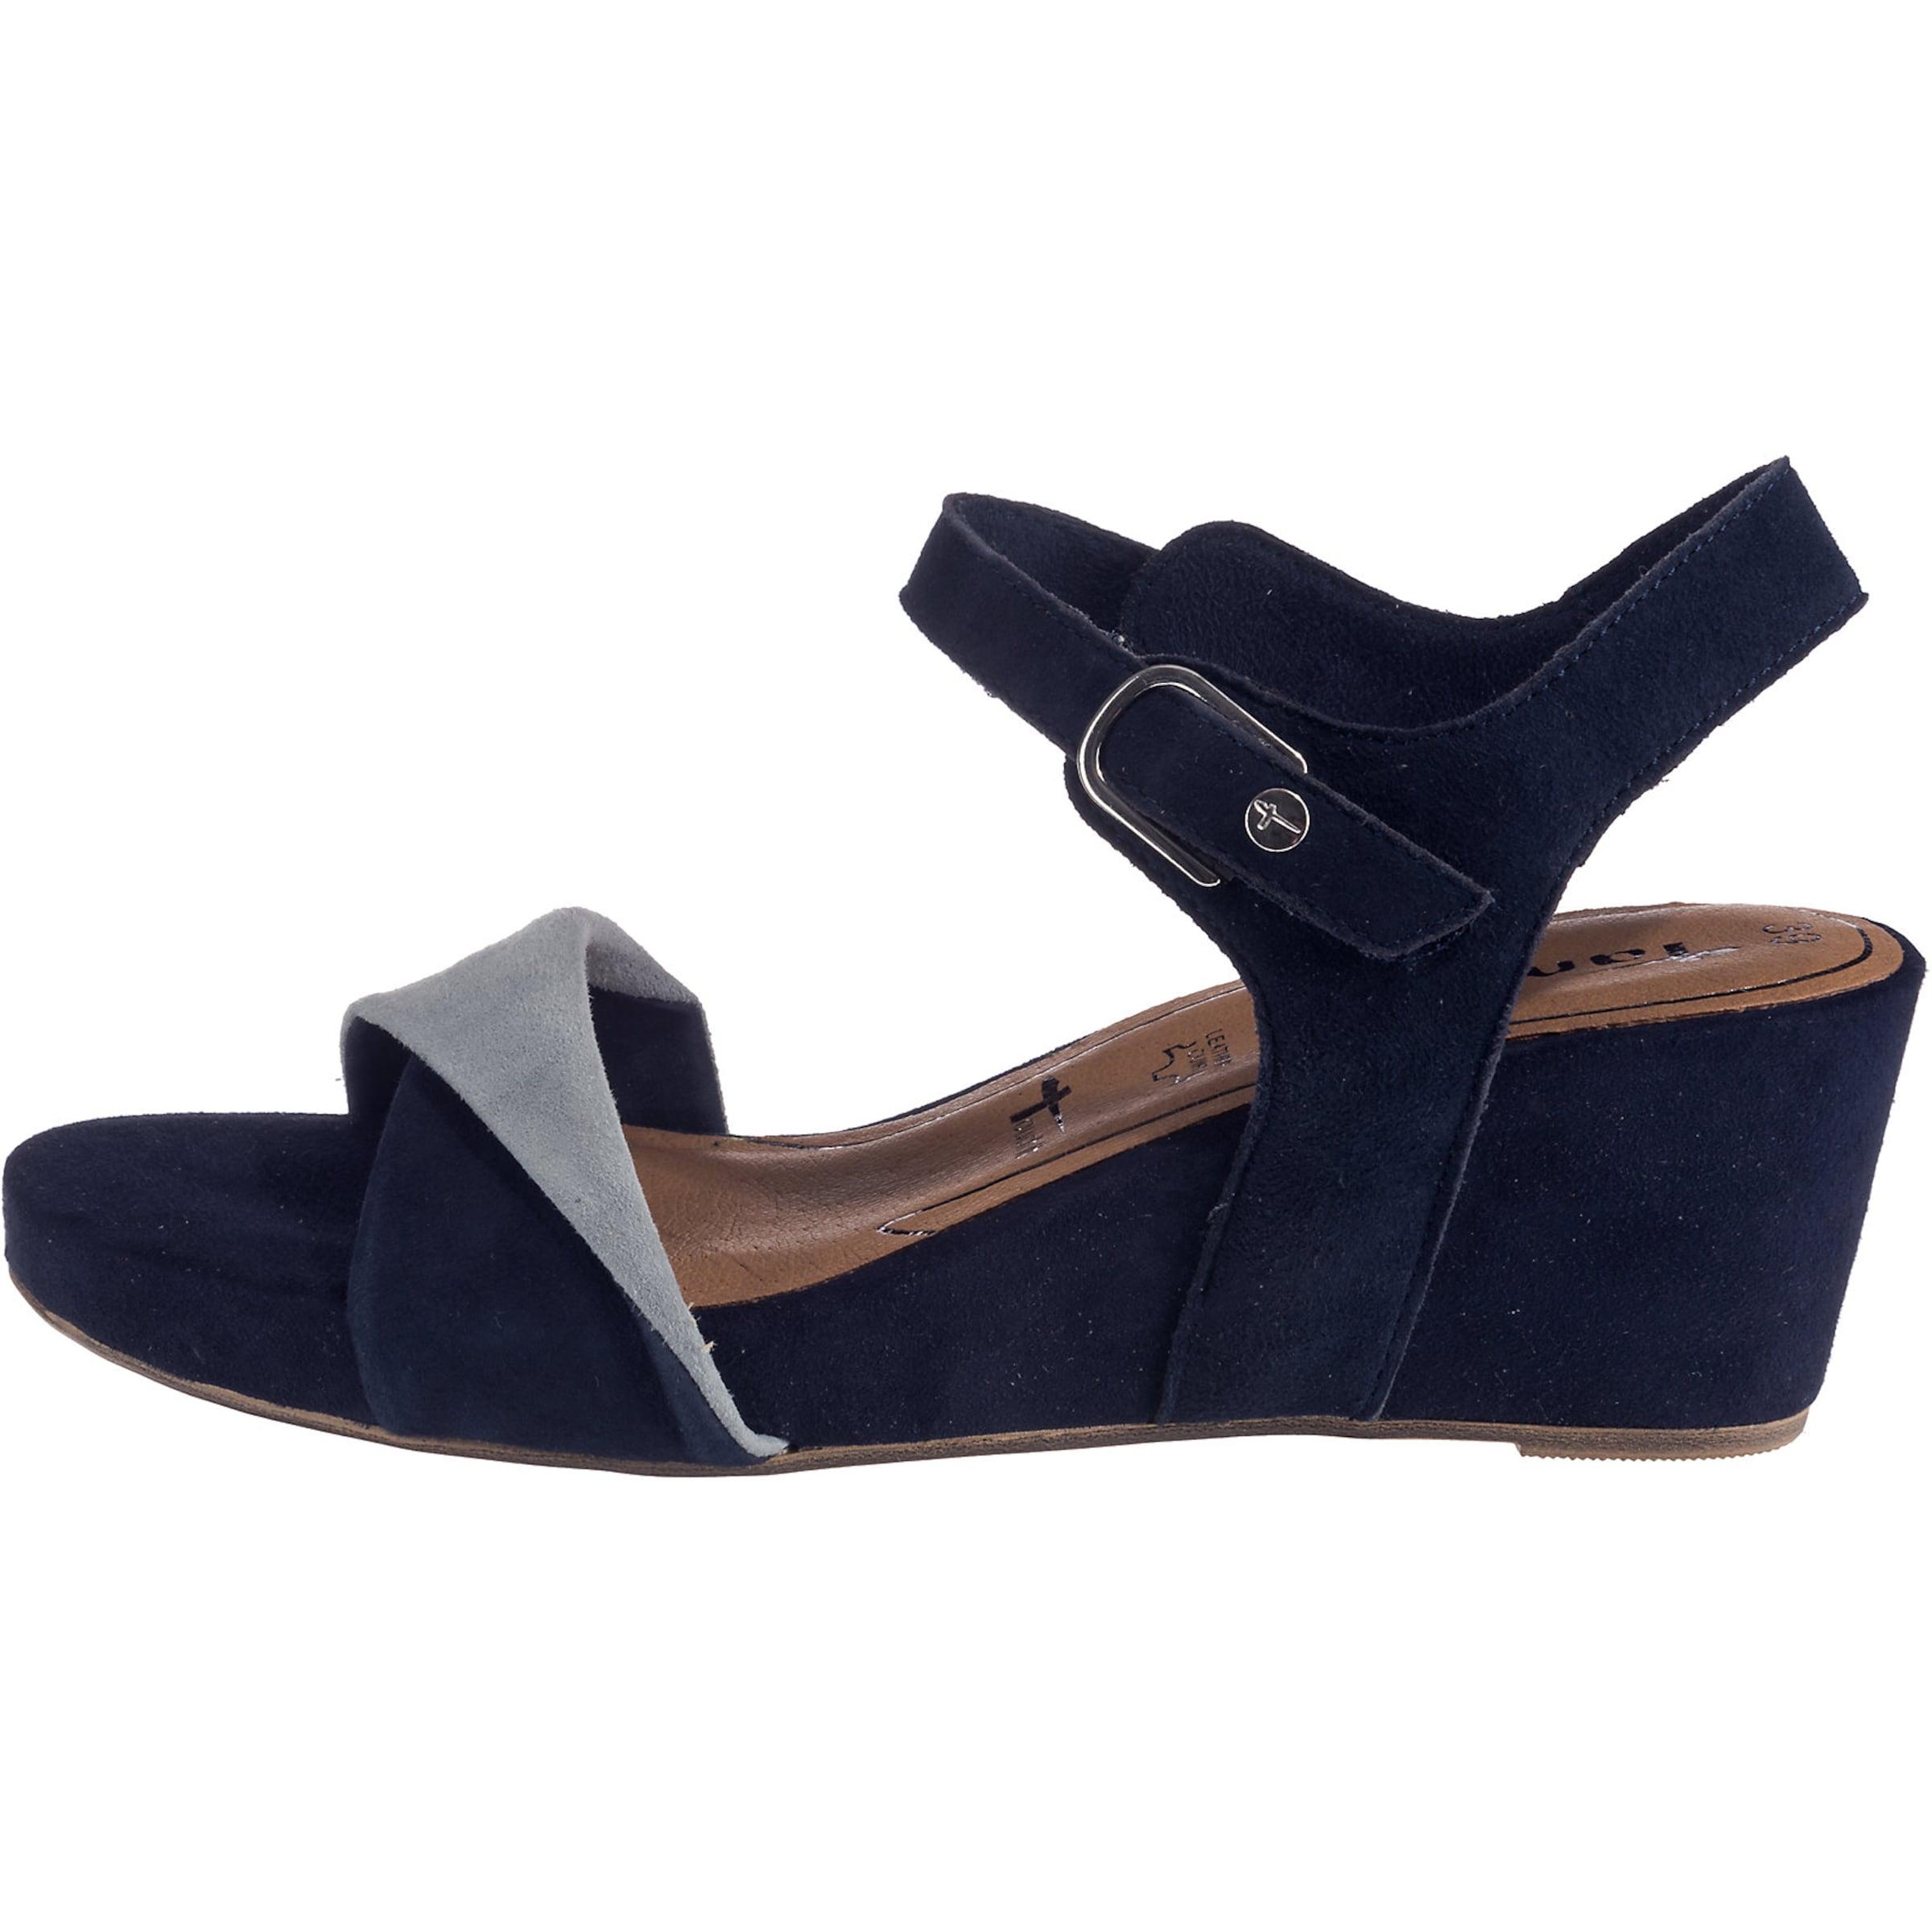 In Sandale Sandale In BlauRauchblau Tamaris Tamaris BlauRauchblau Tamaris LUGqVpSzM